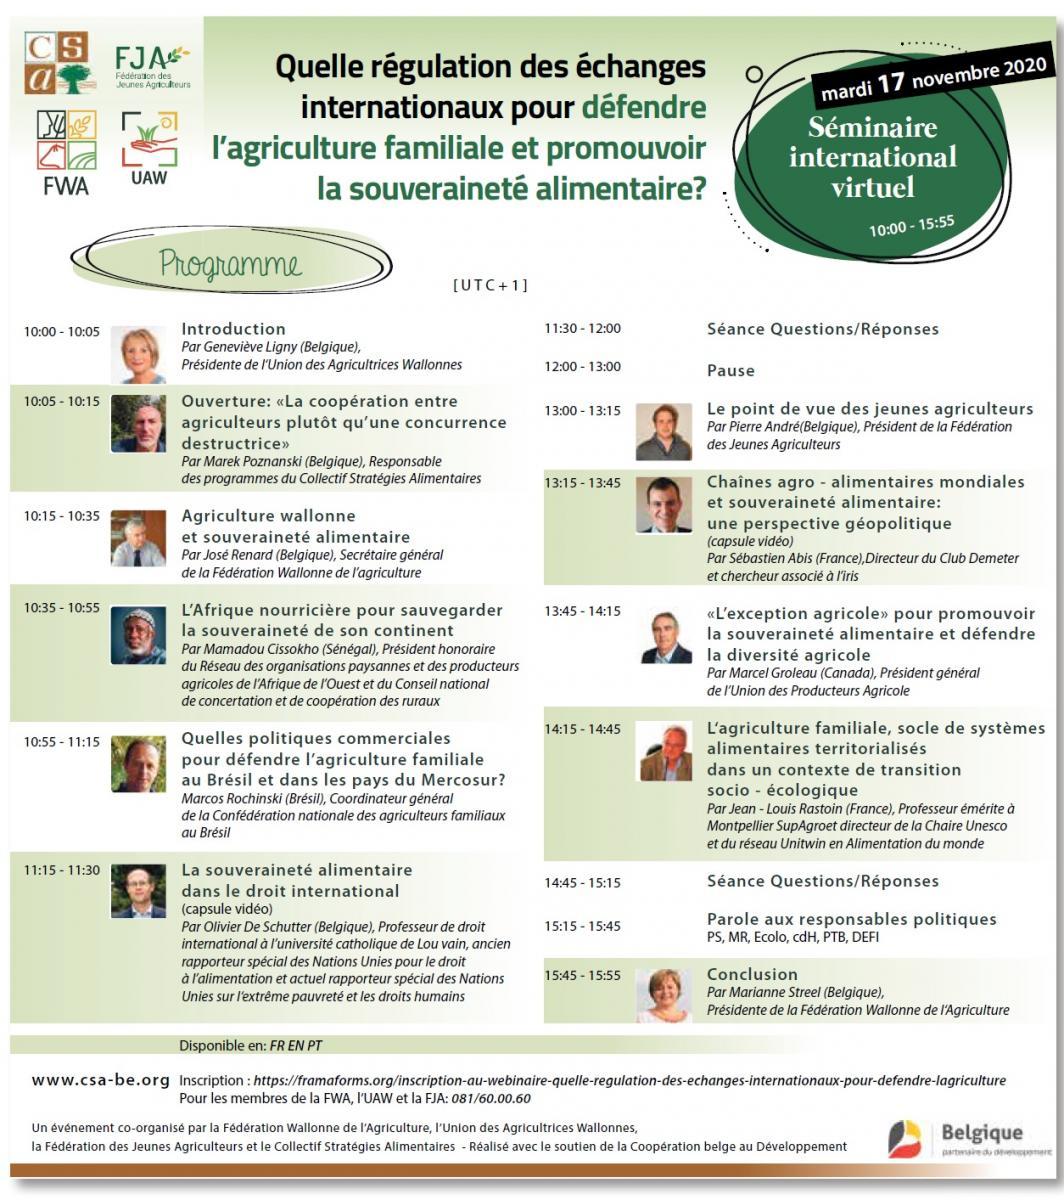 Quelle régulation des échanges internationaux pour défendre l'agriculture familiale et promouvoir la souveraineté alimentaire ?